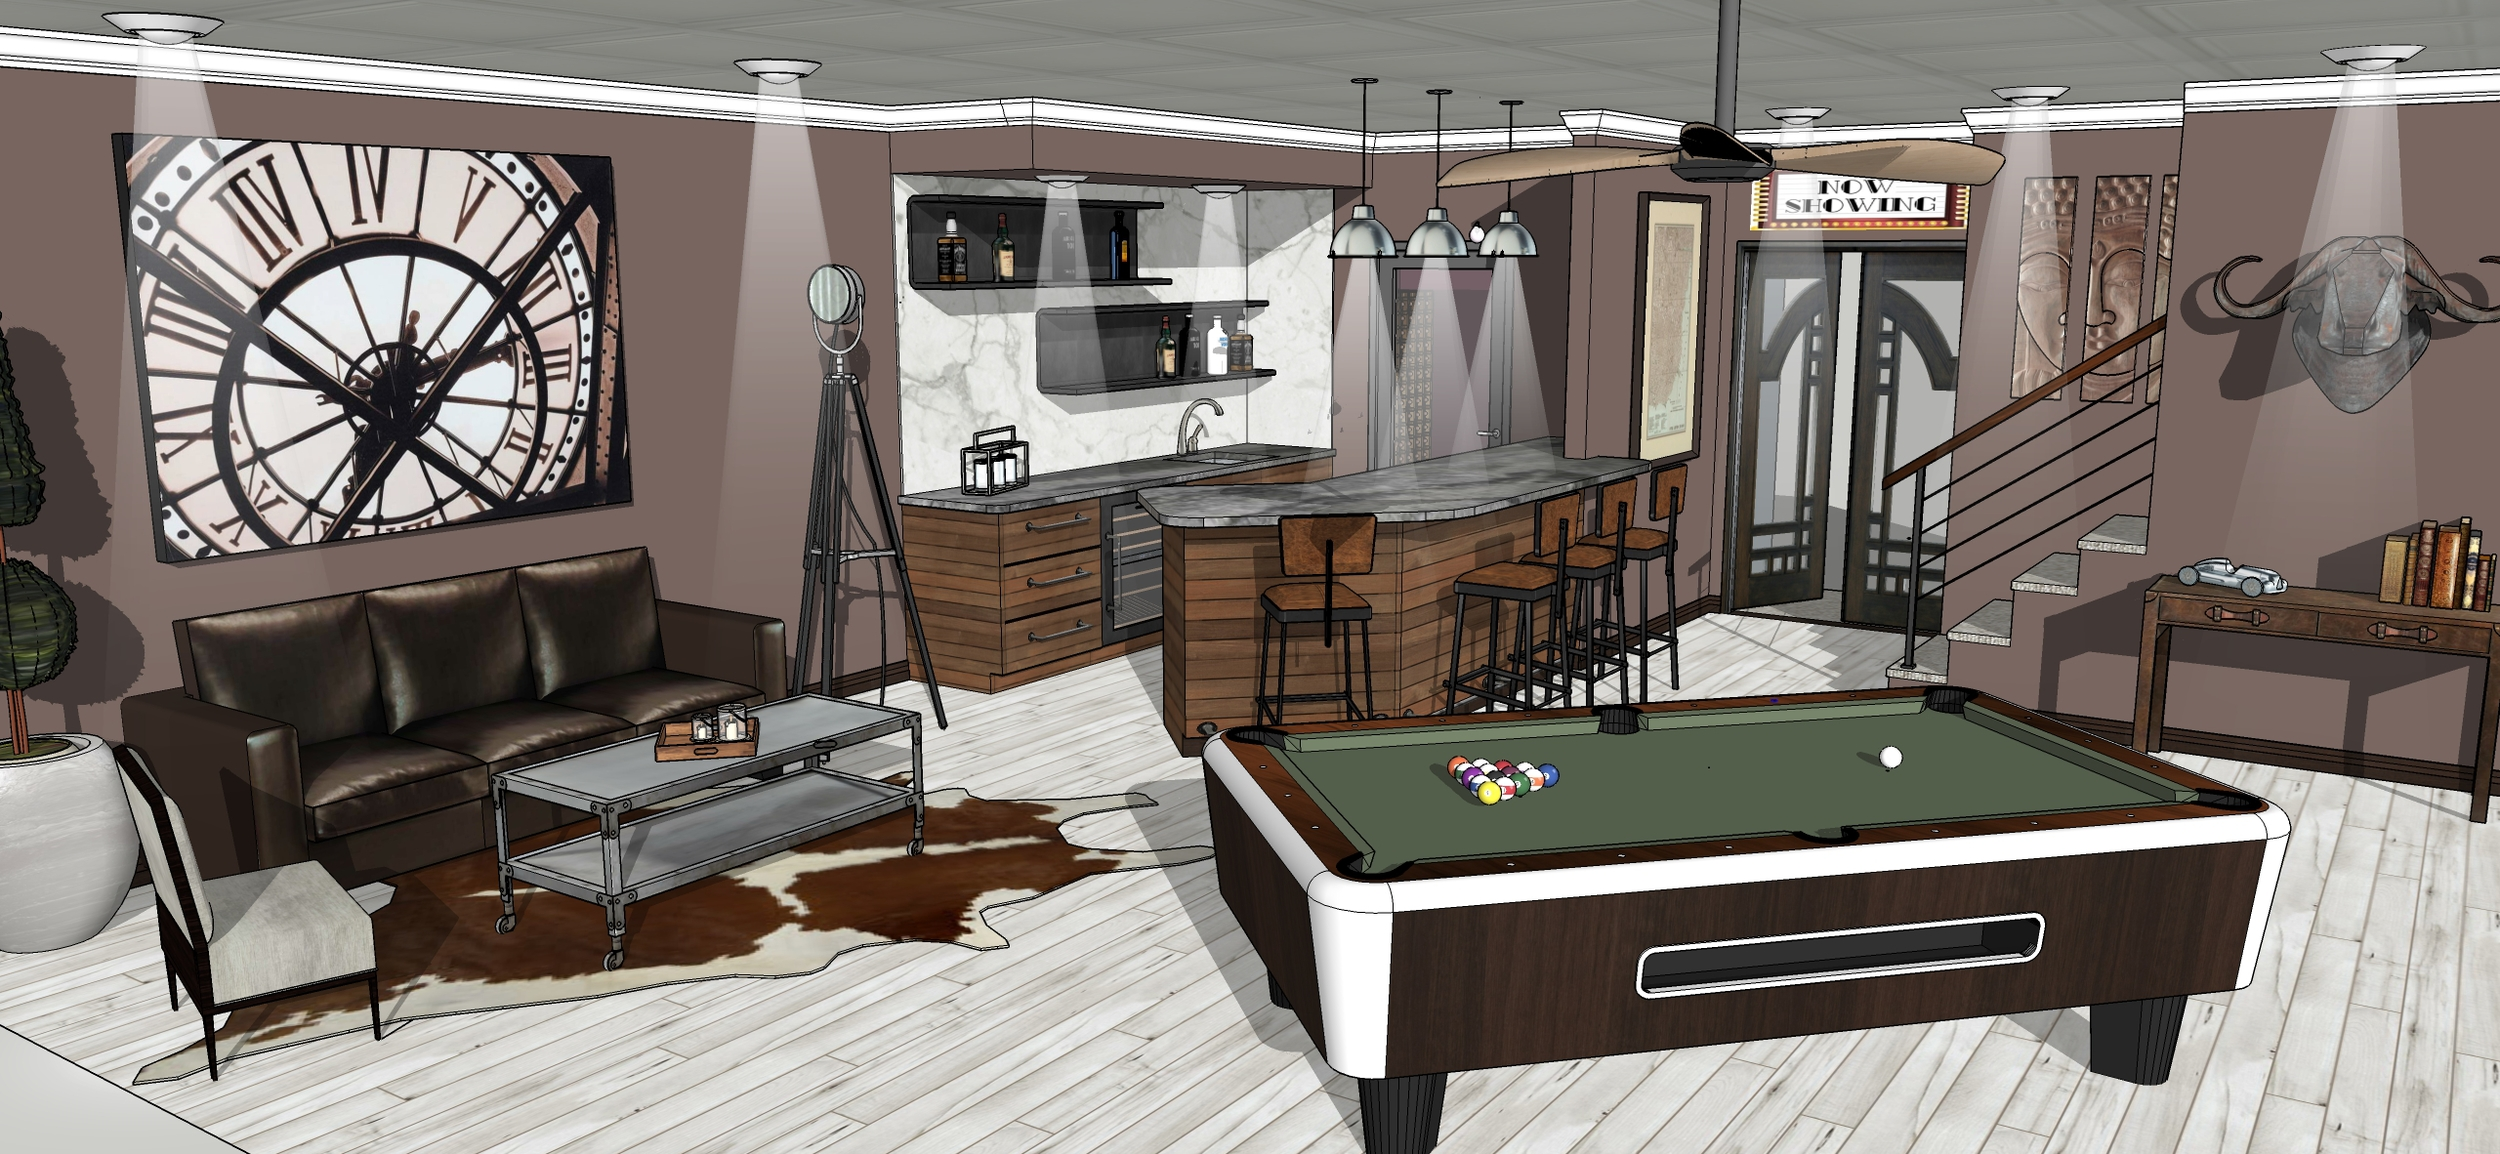 basement bar render.jpeg